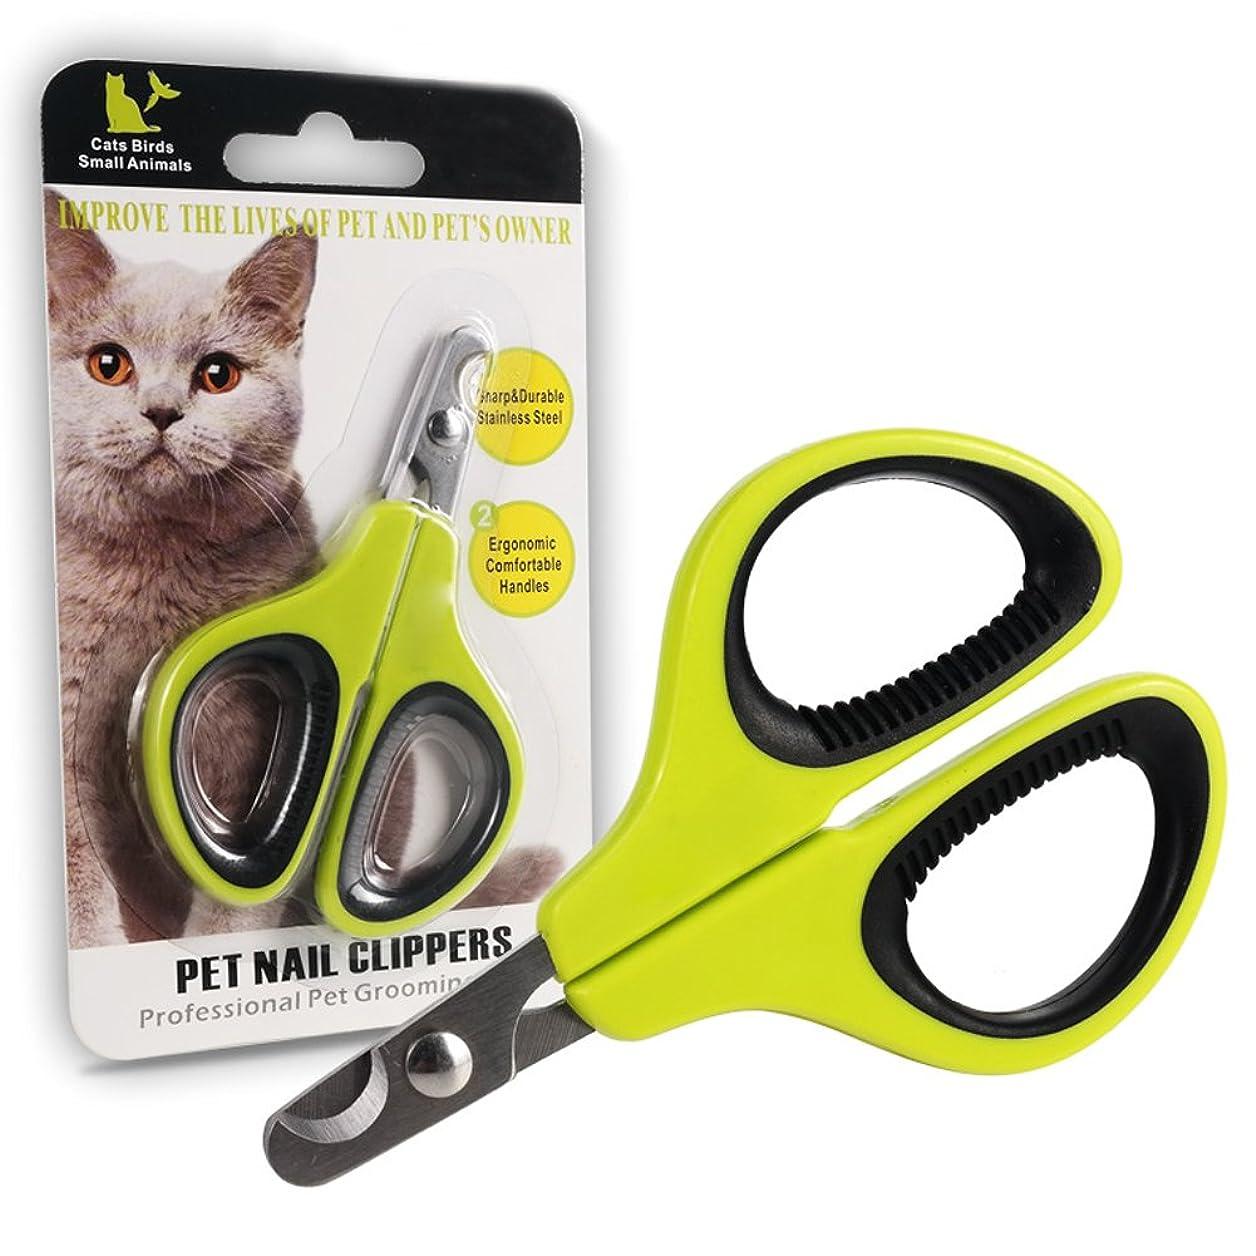 競うファセット観察するLiebeye ペットクラウドクリッパーズ ポータブルプロフェッショナル 犬ネイルクリッパー ペット猫ネイルシザーネイルカッター 猫あるいは犬適用 猫用